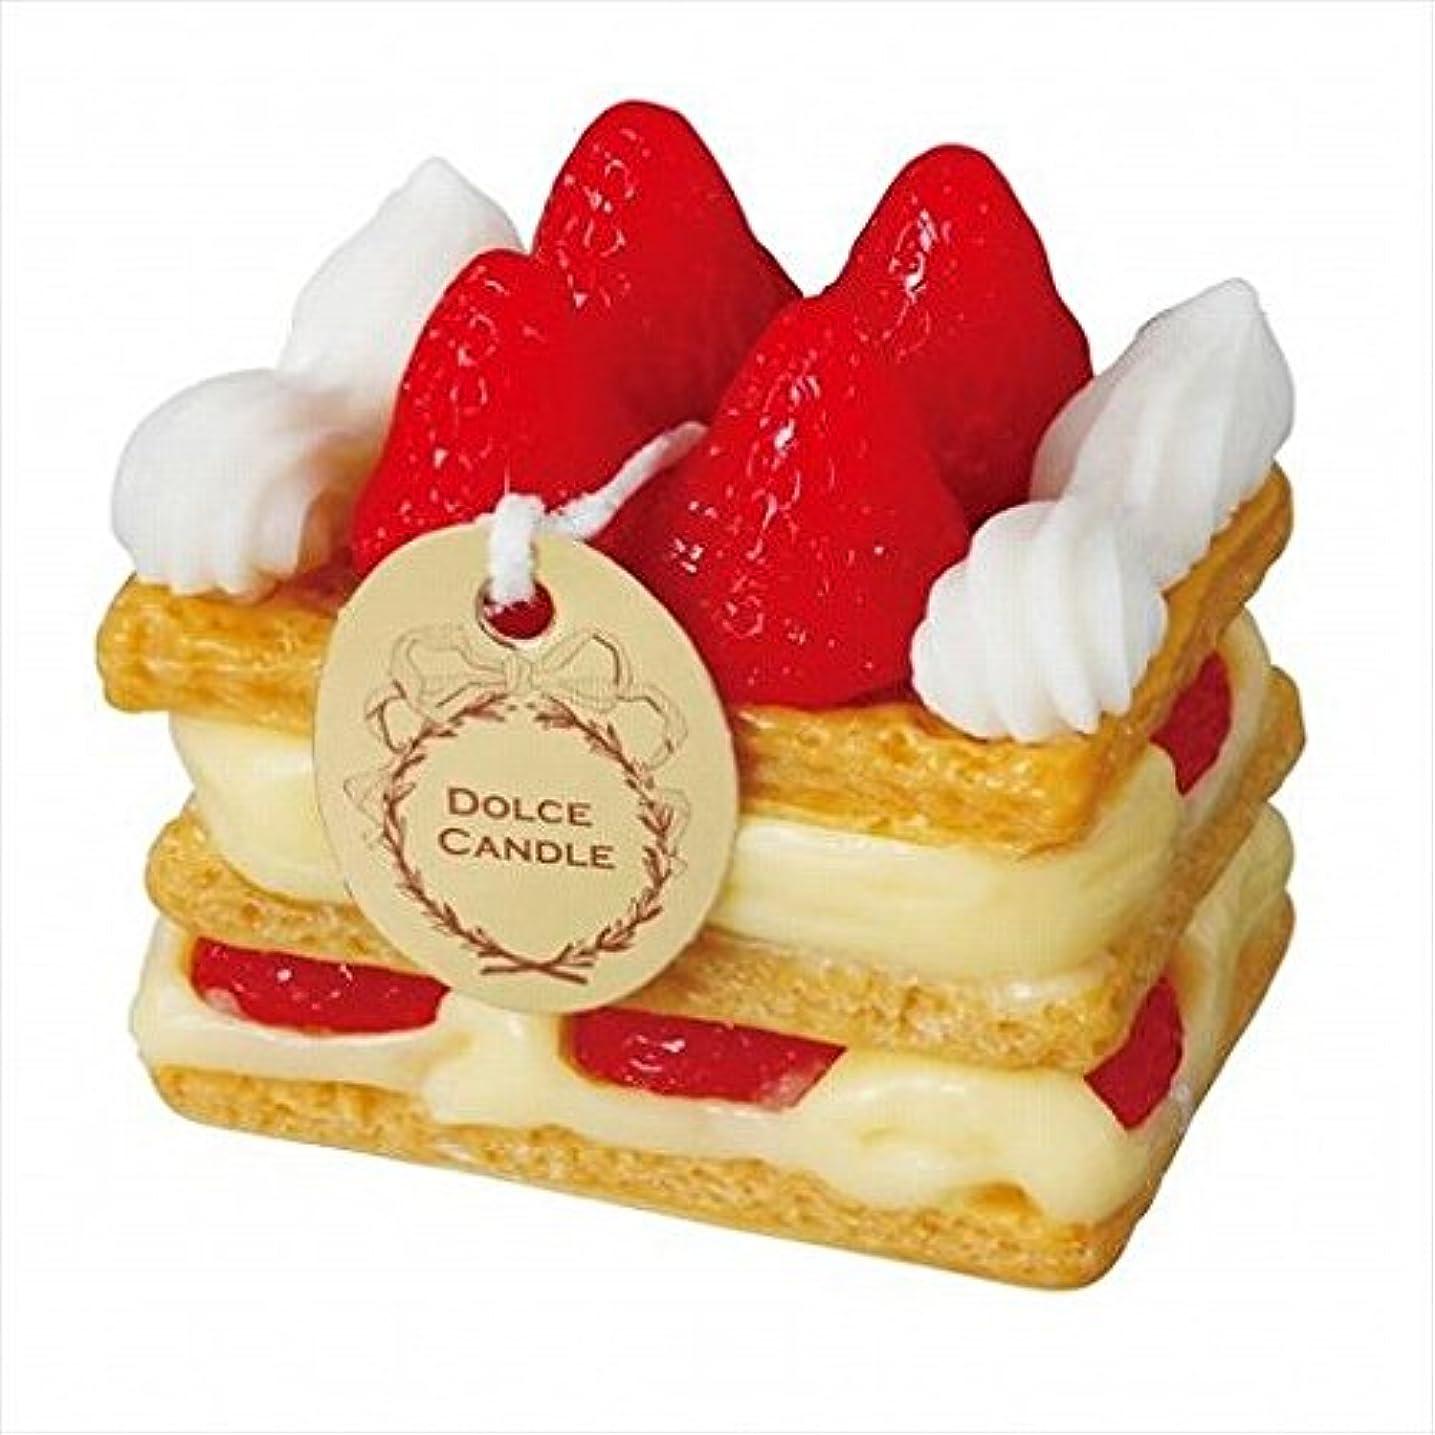 退屈させる後方に権威sweets candle(スイーツキャンドル) ドルチェキャンドル 「 ミルフィーユ 」 キャンドル 60x40x60mm (A4340510)